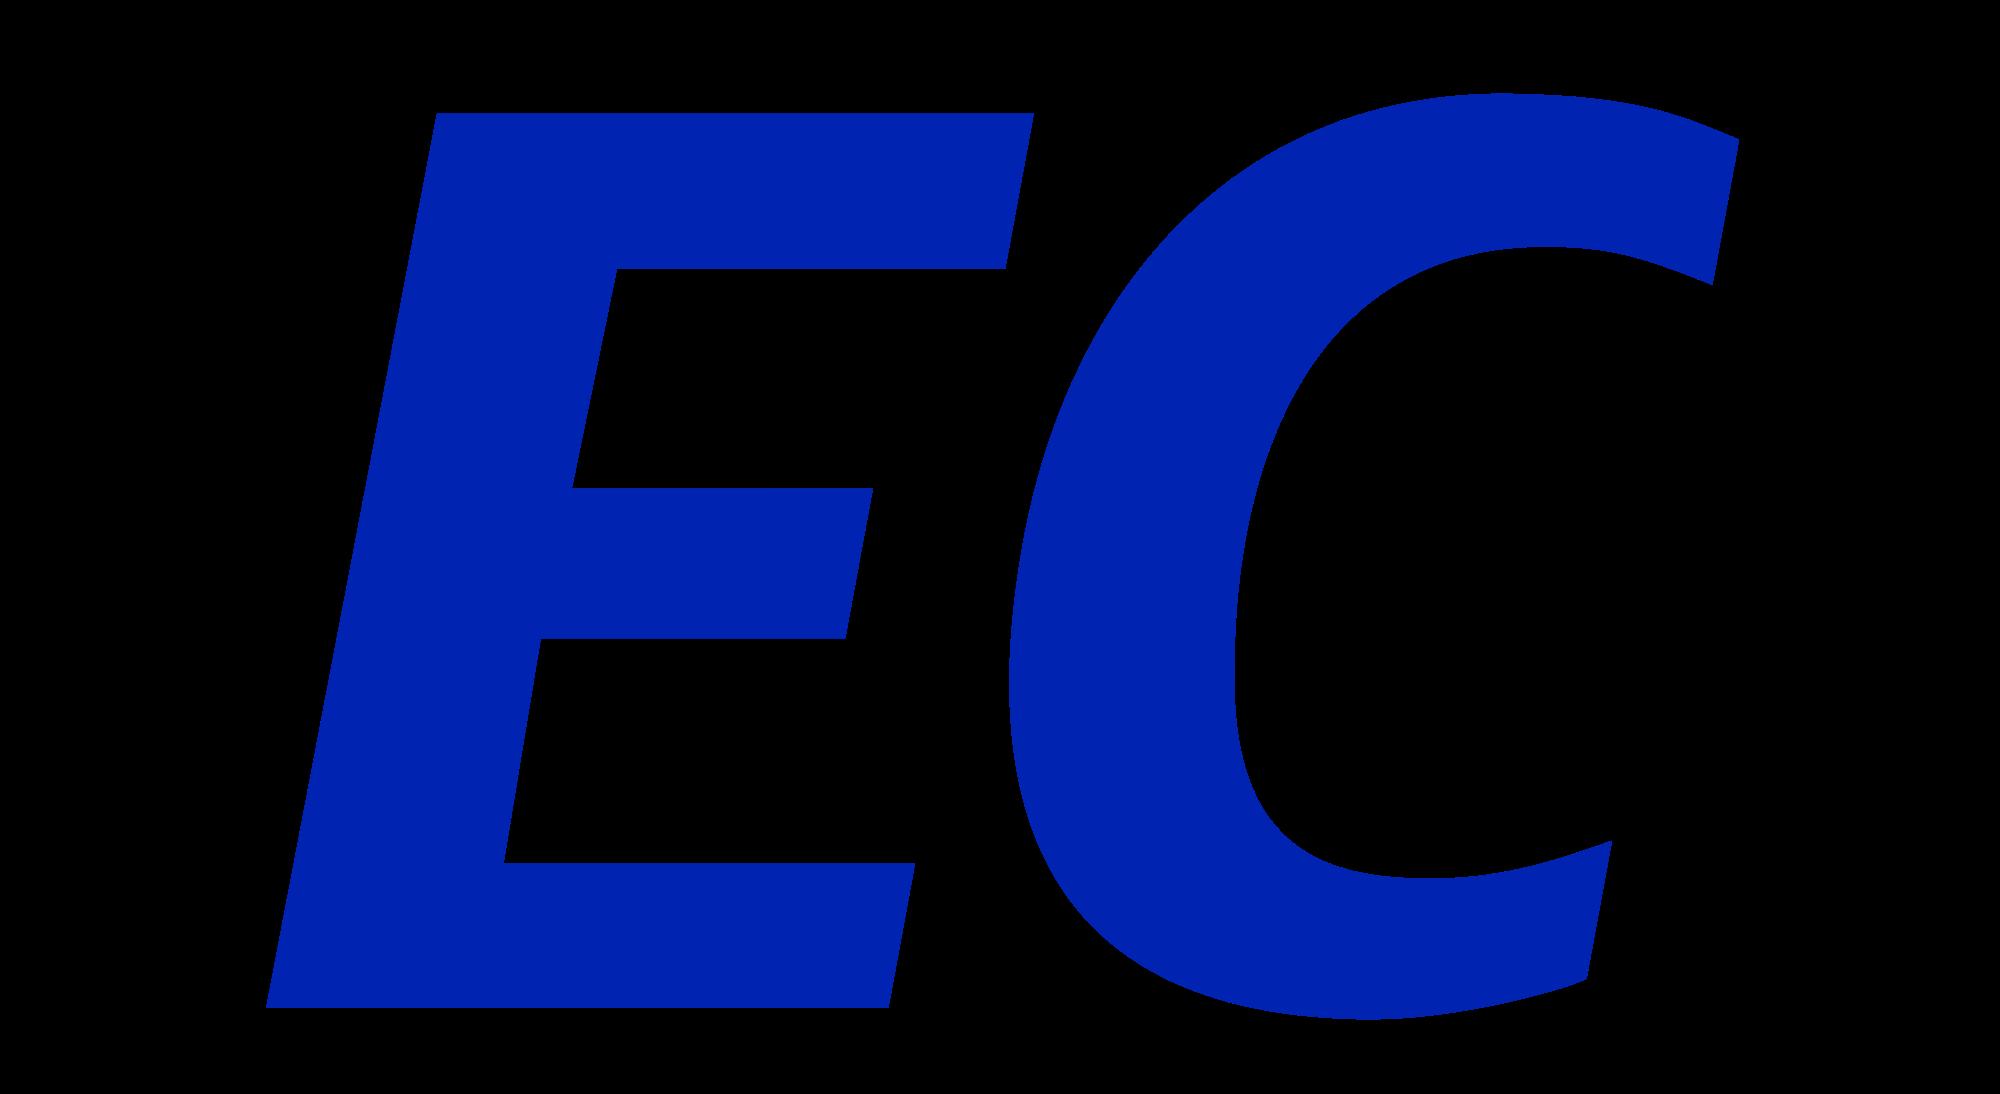 EC_Icona